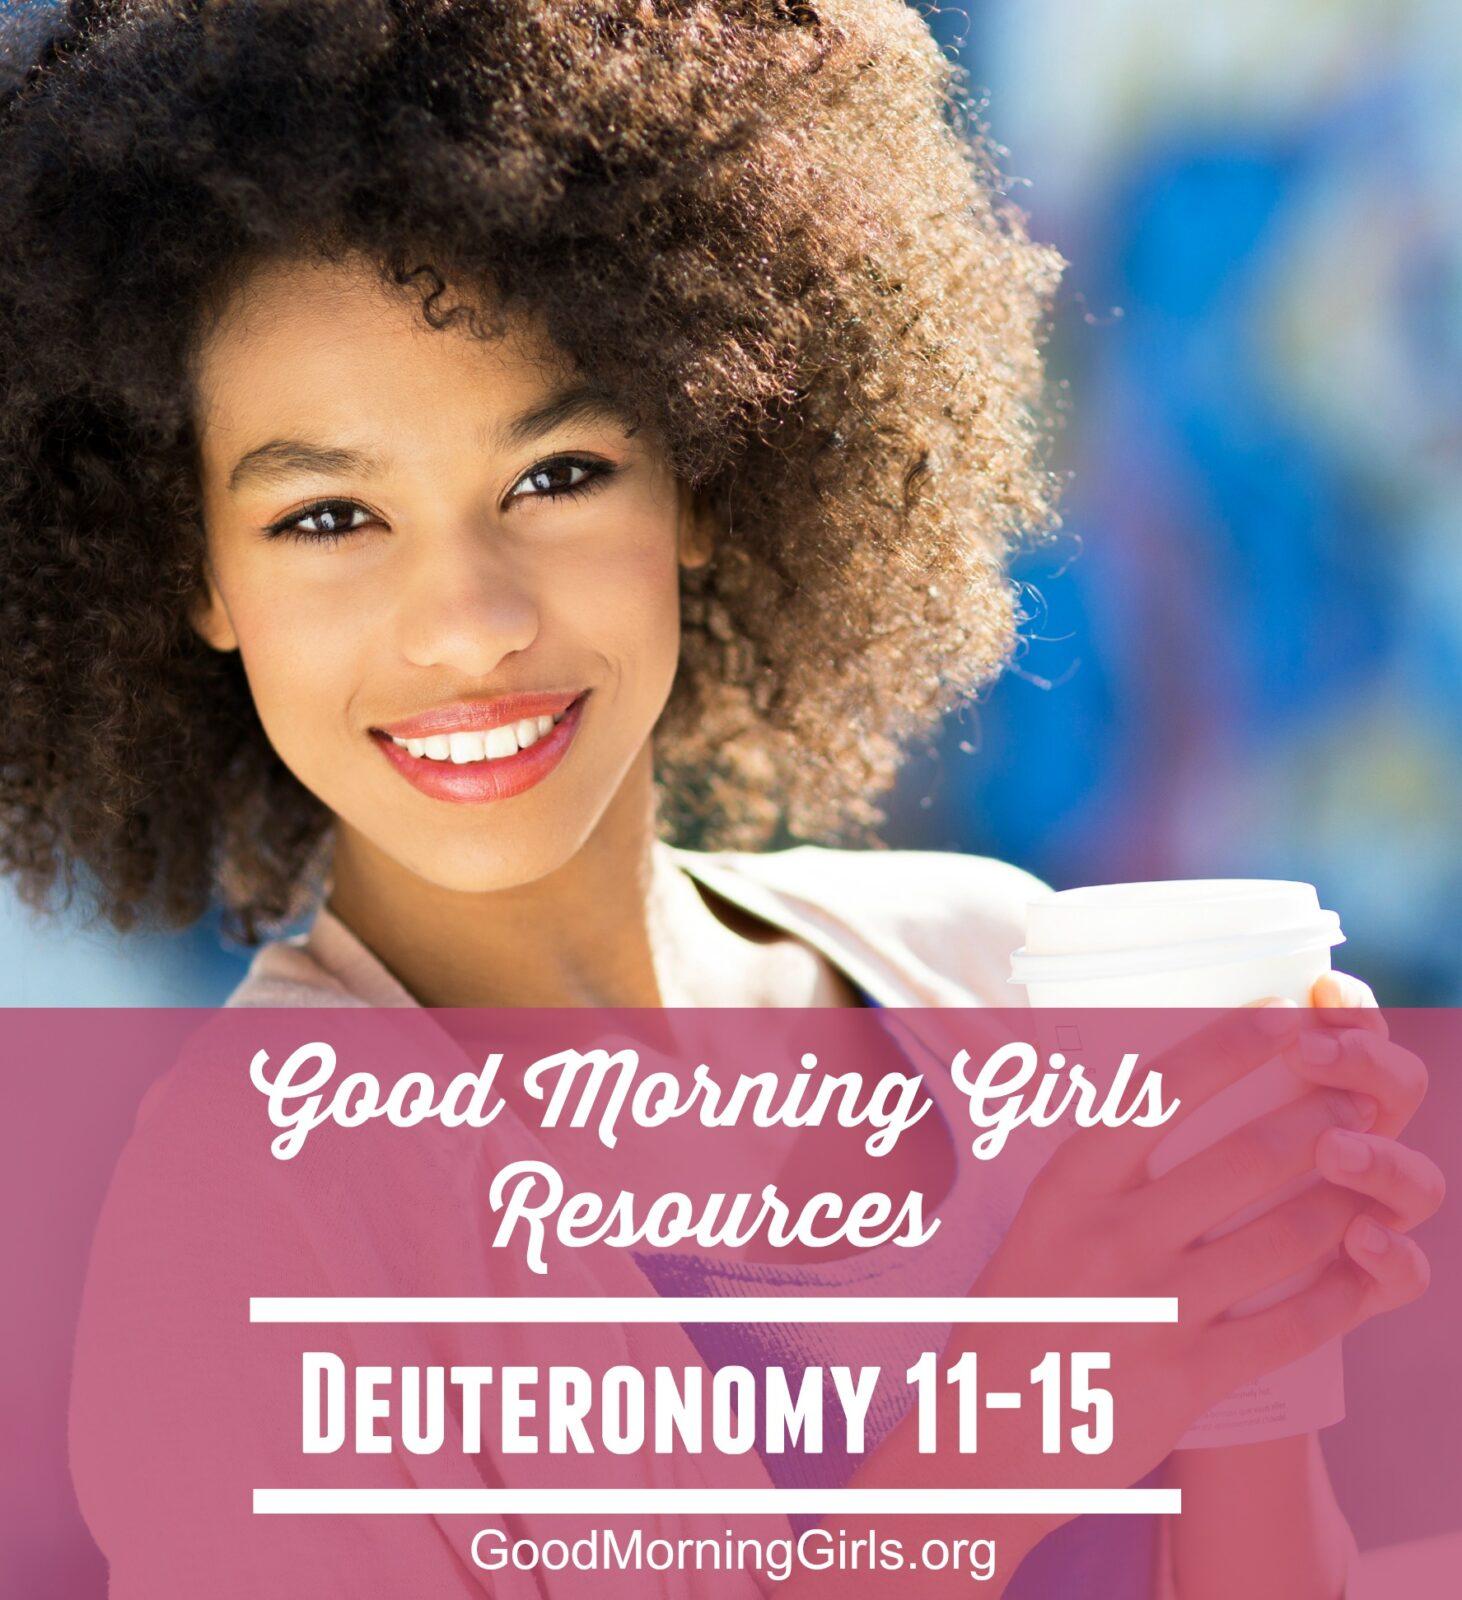 Deuteronomy 11-15